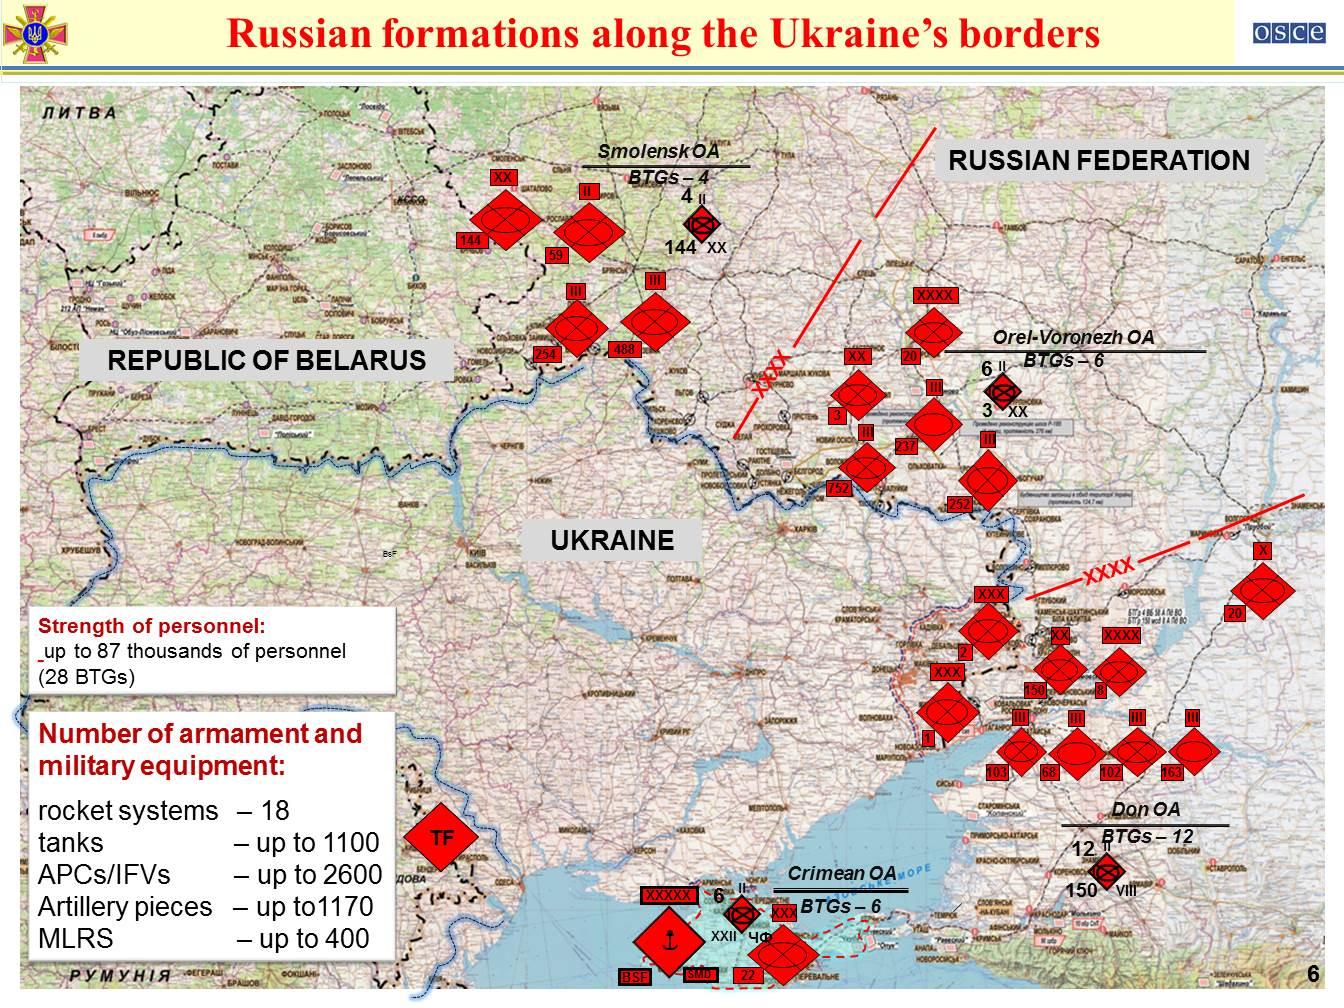 1100 російських танків і 330 літаків уздовж кордону з Україною